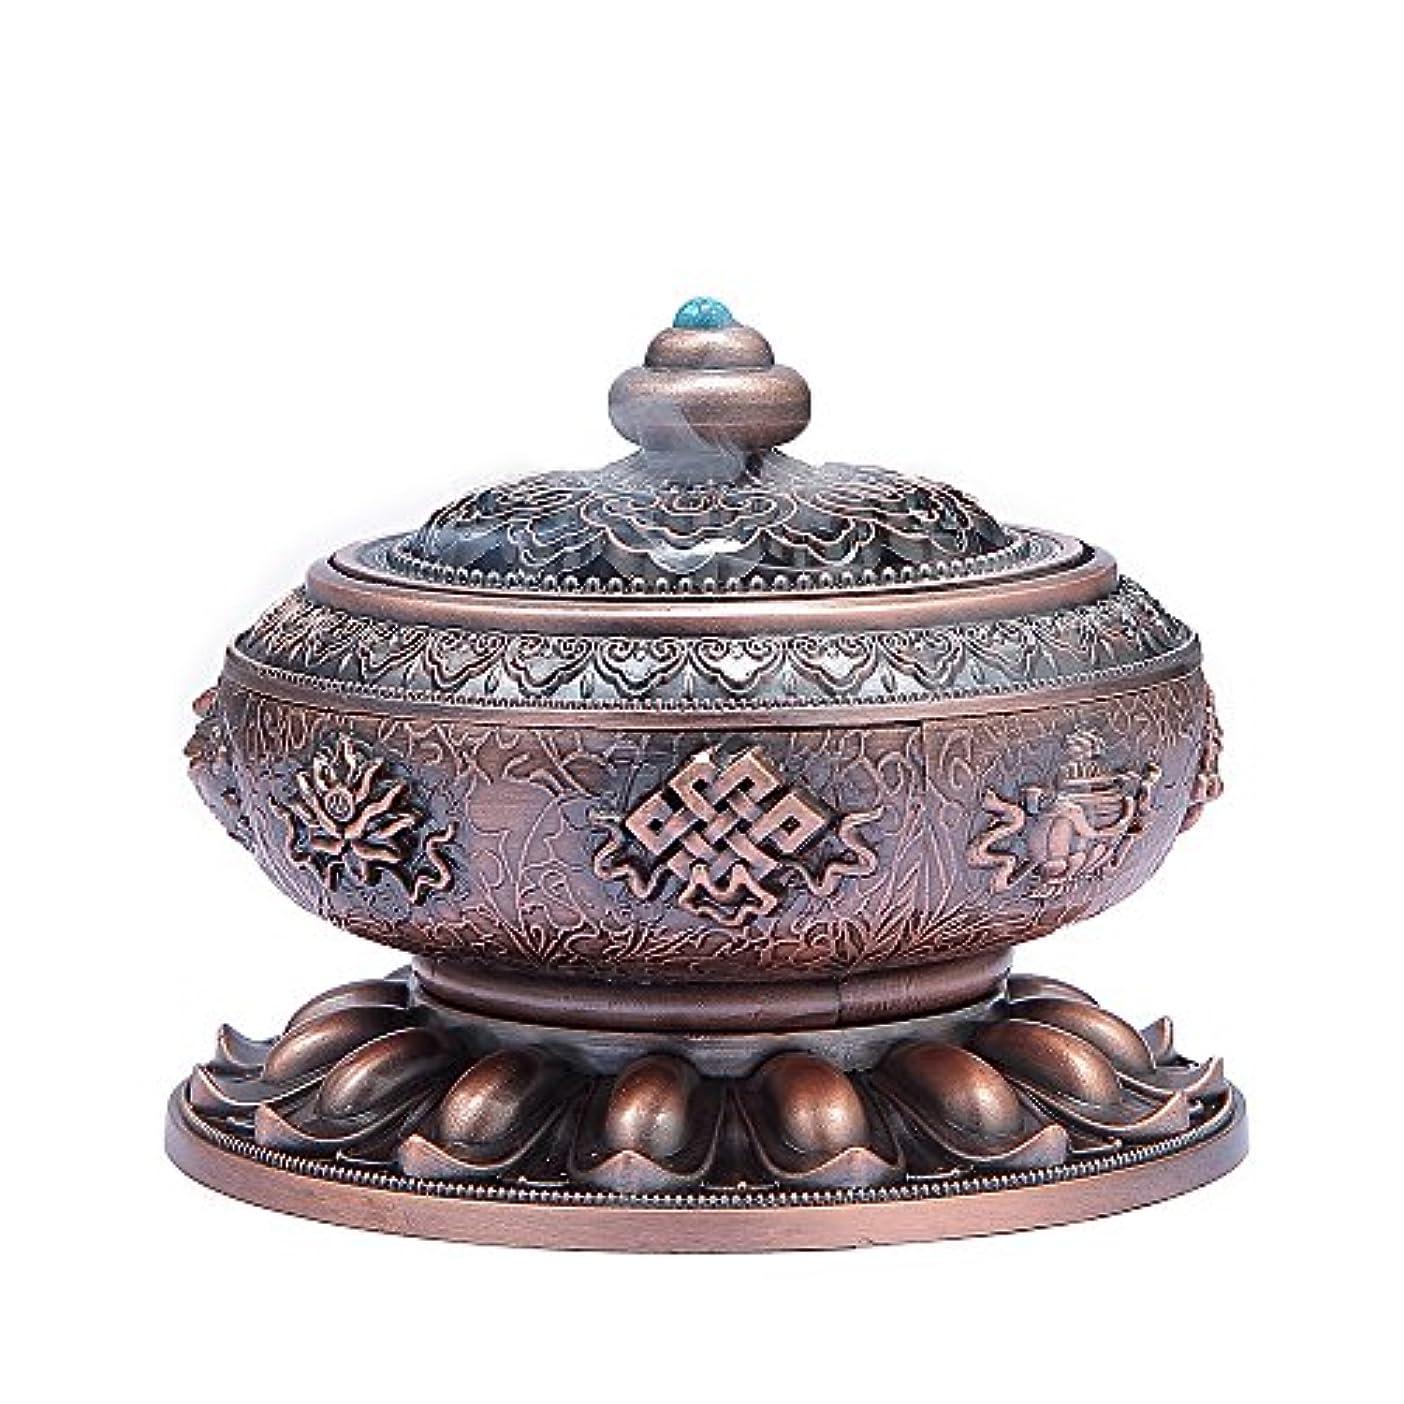 無数の論争の的味MEDOOSKY Large Incense Holder Burner Tibet Lotus Copper Alloy( Stick/ Cone/ Coil Incense)